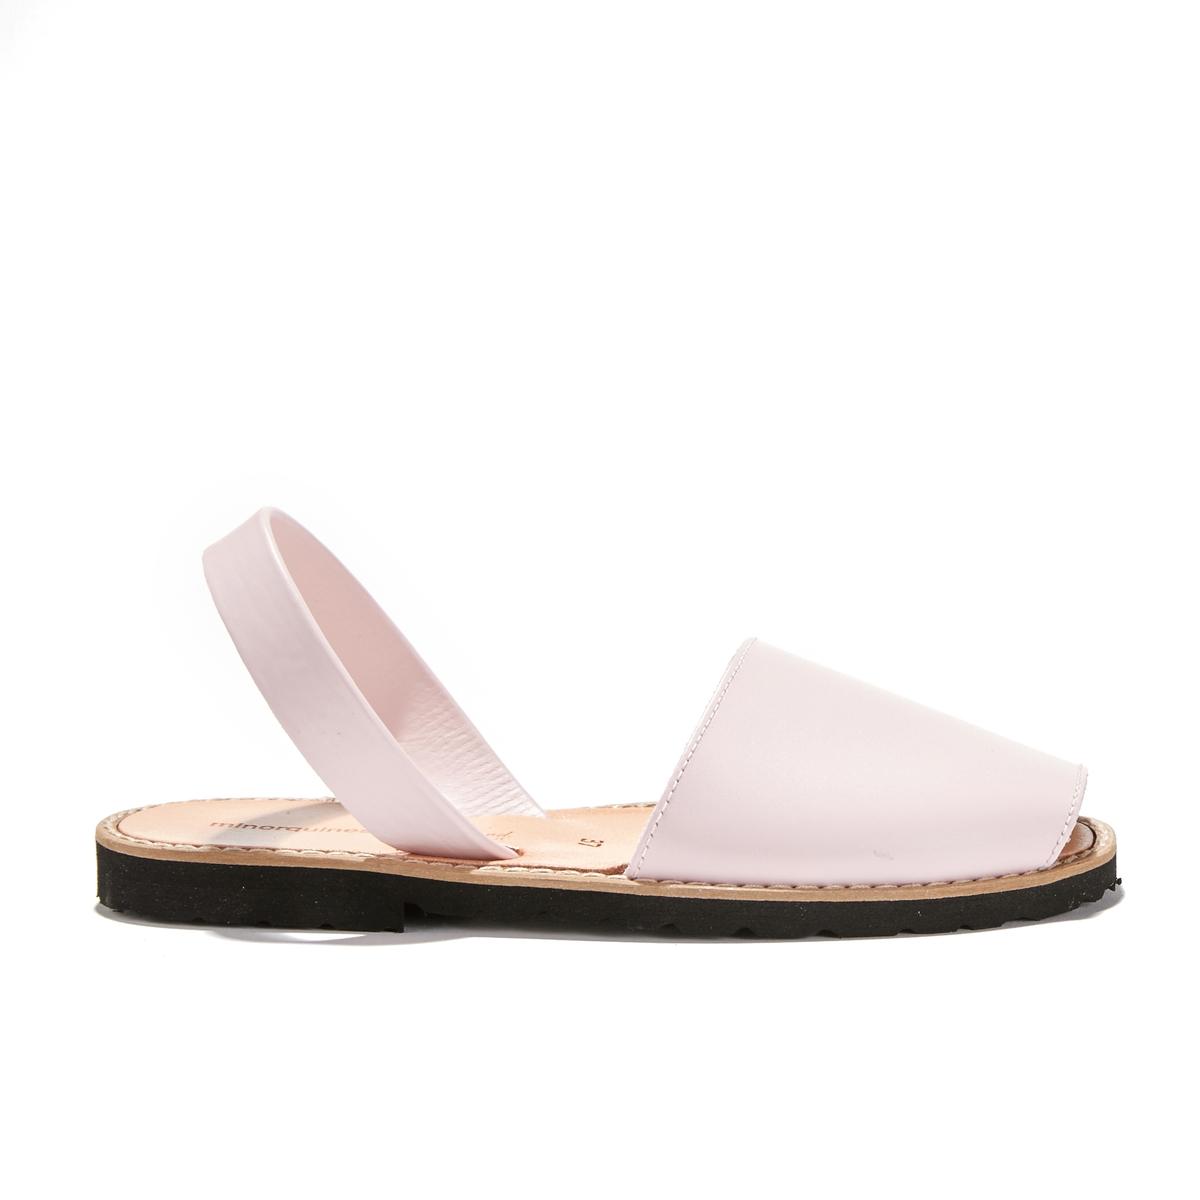 Босоножки кожаные с открытым мыском на плоской подошве AVARCA CUIR couture du cuir кожаные брюки